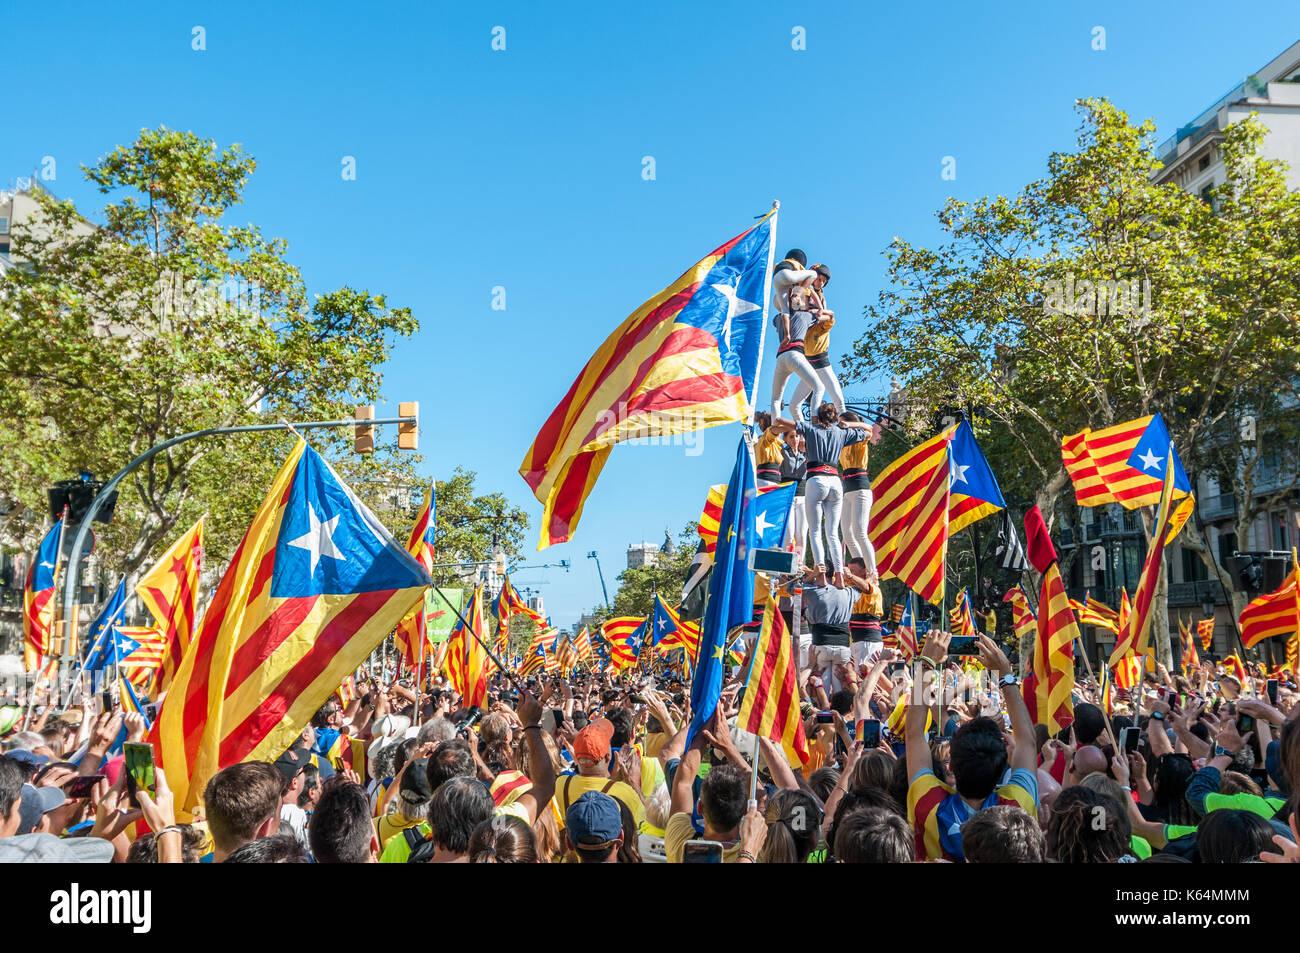 Barcelone, Espagne. Sep 11, 2017. Des milliers de pro-indépendance flags (estelades) remplir les rues de Barcelone, avec les droits de l'tower (castell) sur la droite, sur la journée nationale de la catalogne. Credit: lophius/Alamy Live News Photo Stock